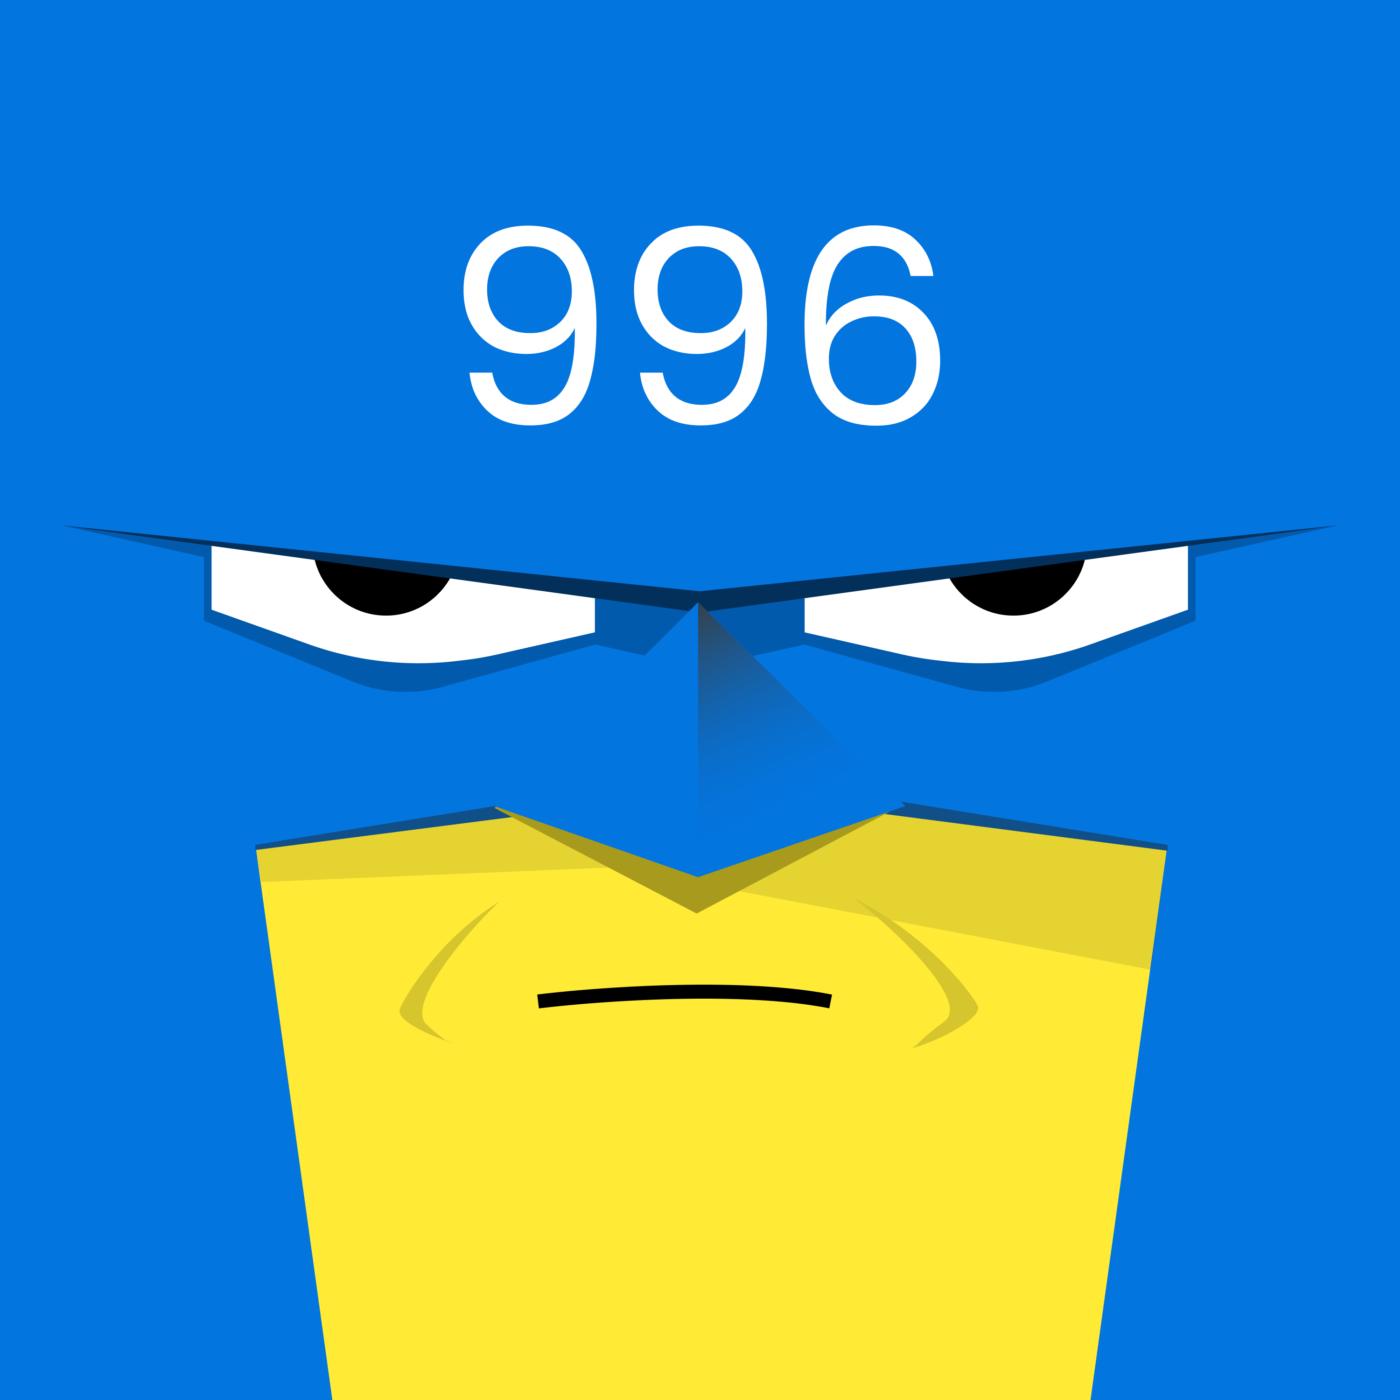 創業996